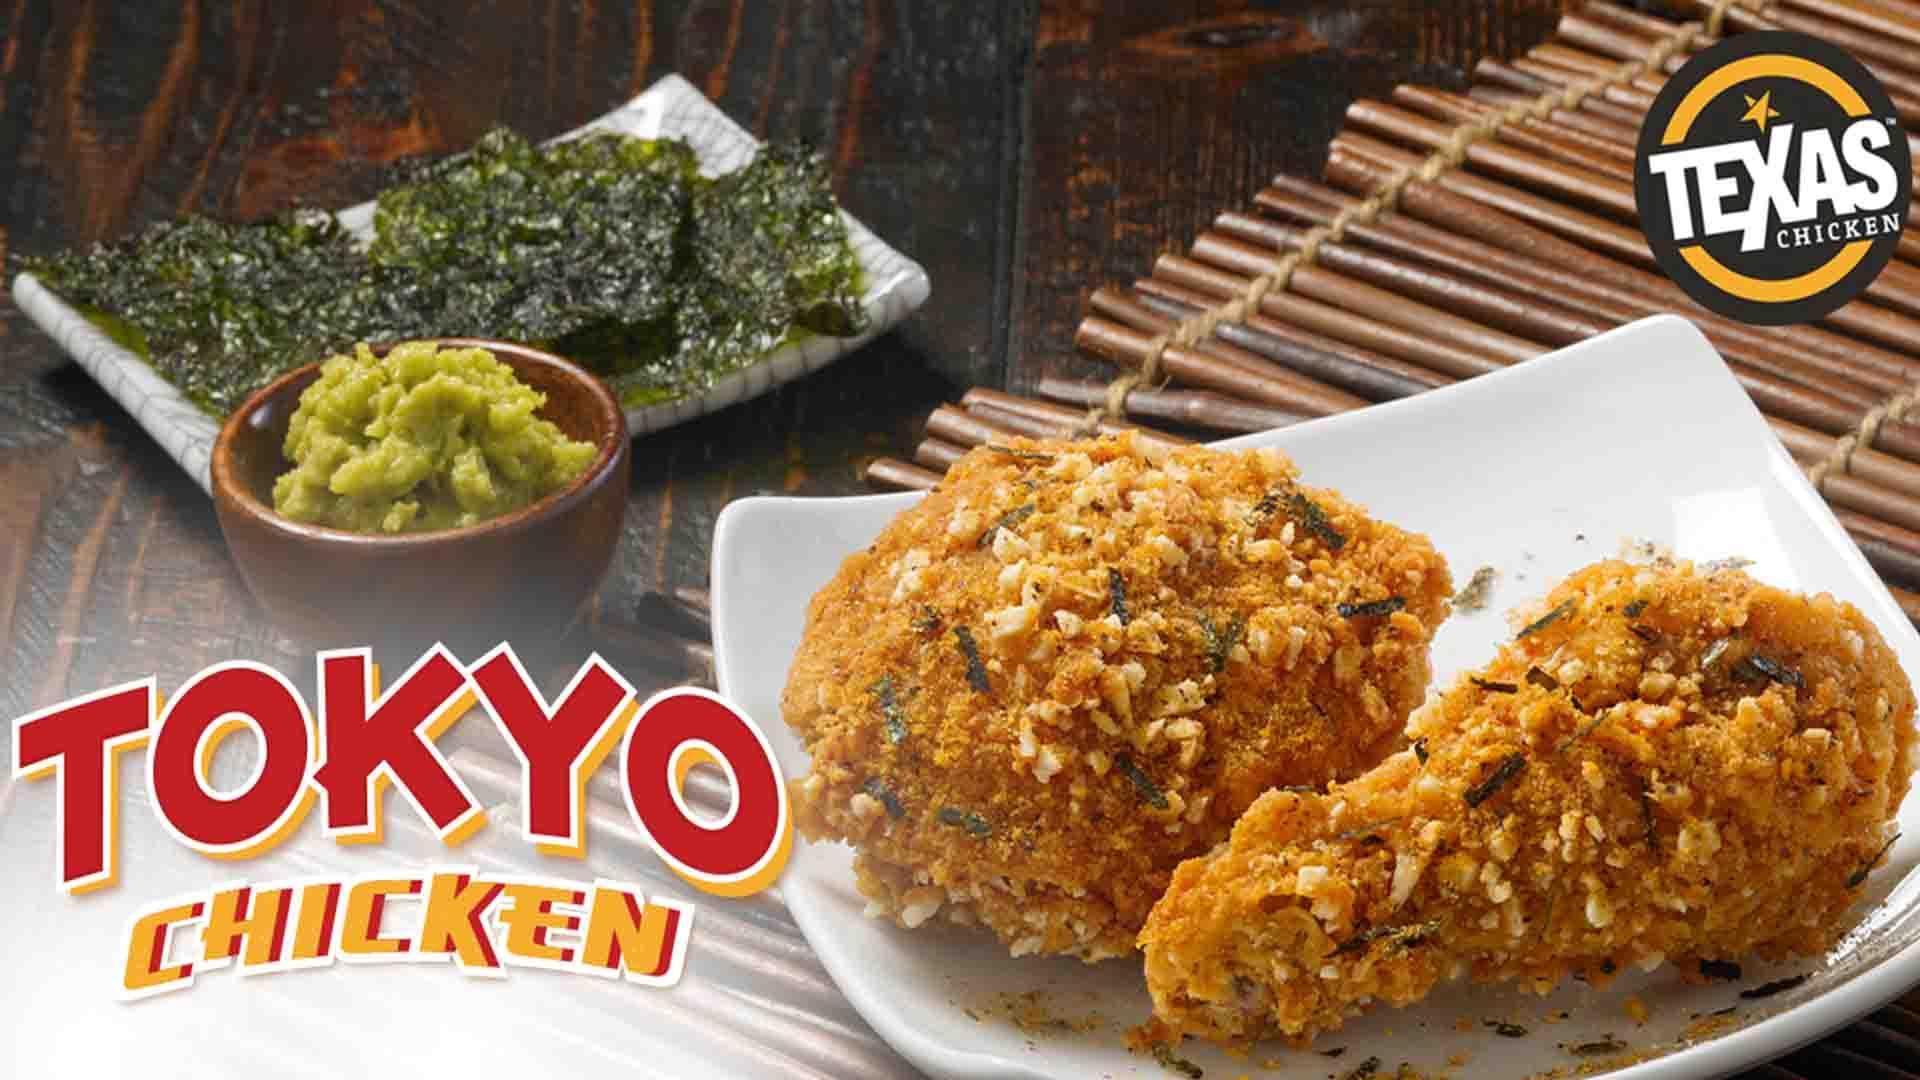 ថ្មីប្លែកមាត់ទៀតហើយជាមួយ TOKYO Chicken សាច់មានបំពងរសជាតិថ្មី ពី Texas Chicken